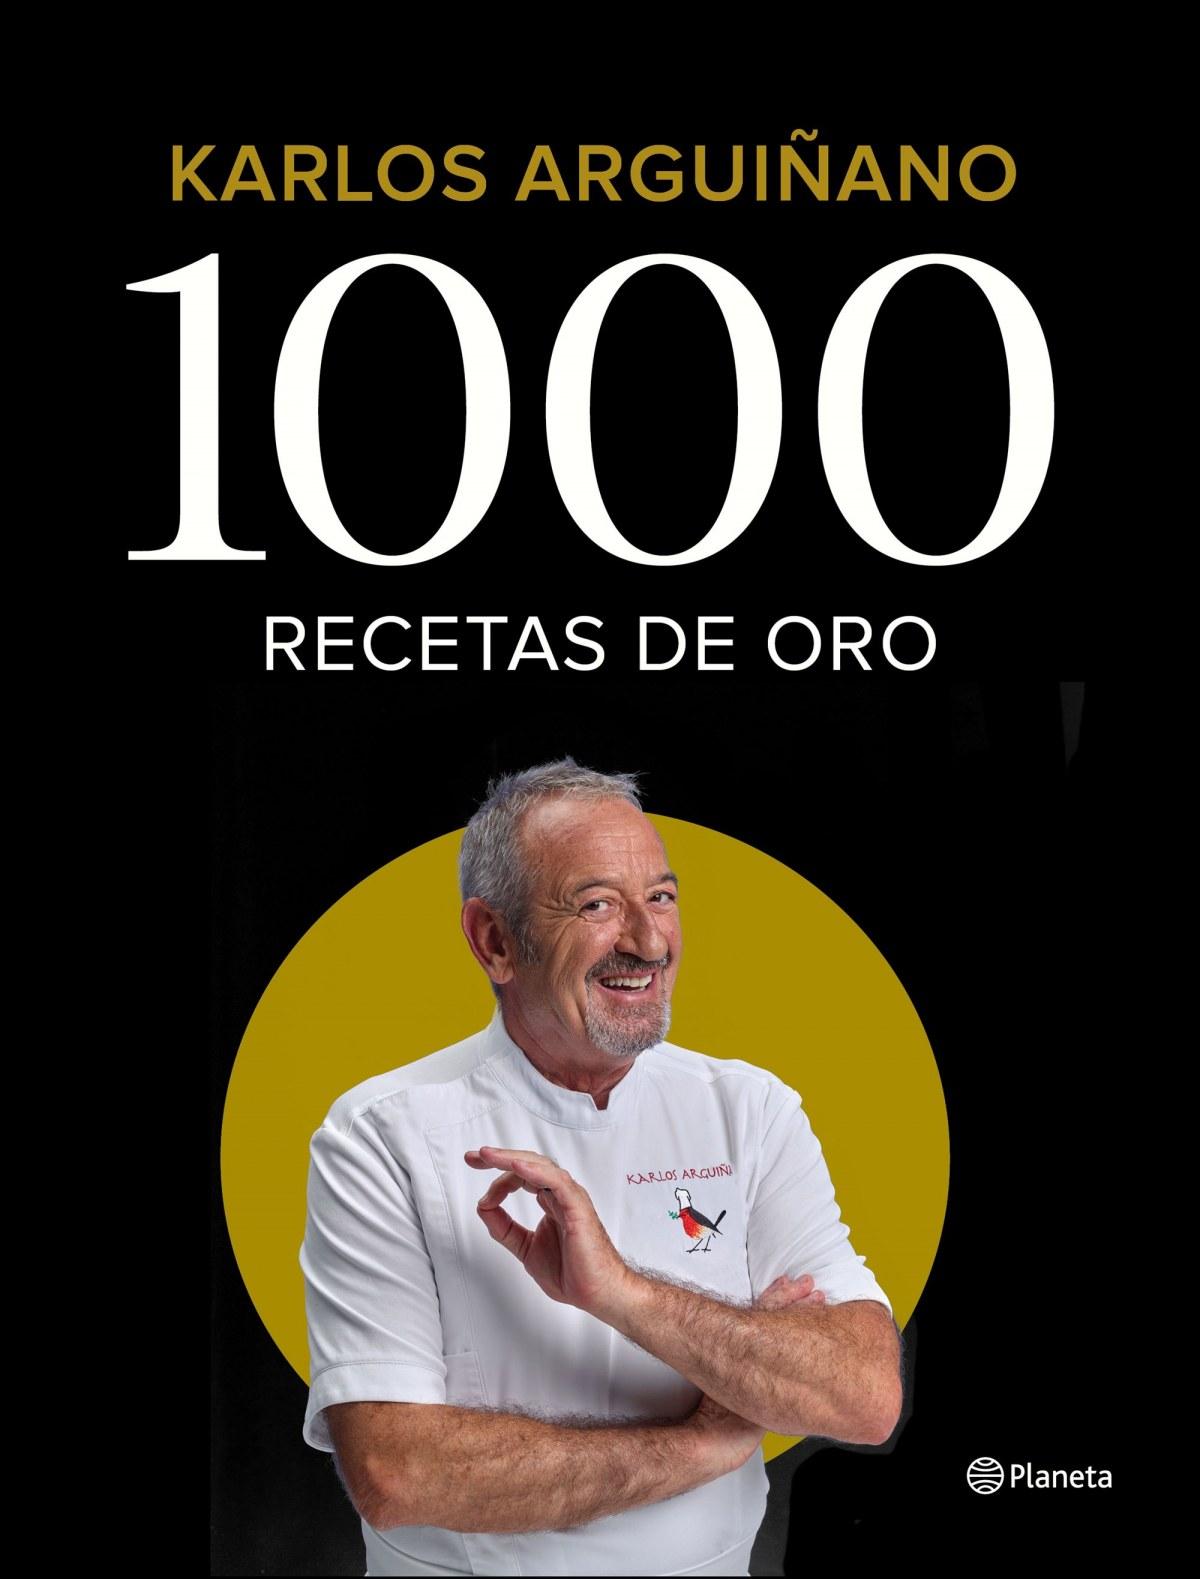 1000 RECETAS DE ORO 9788408196242